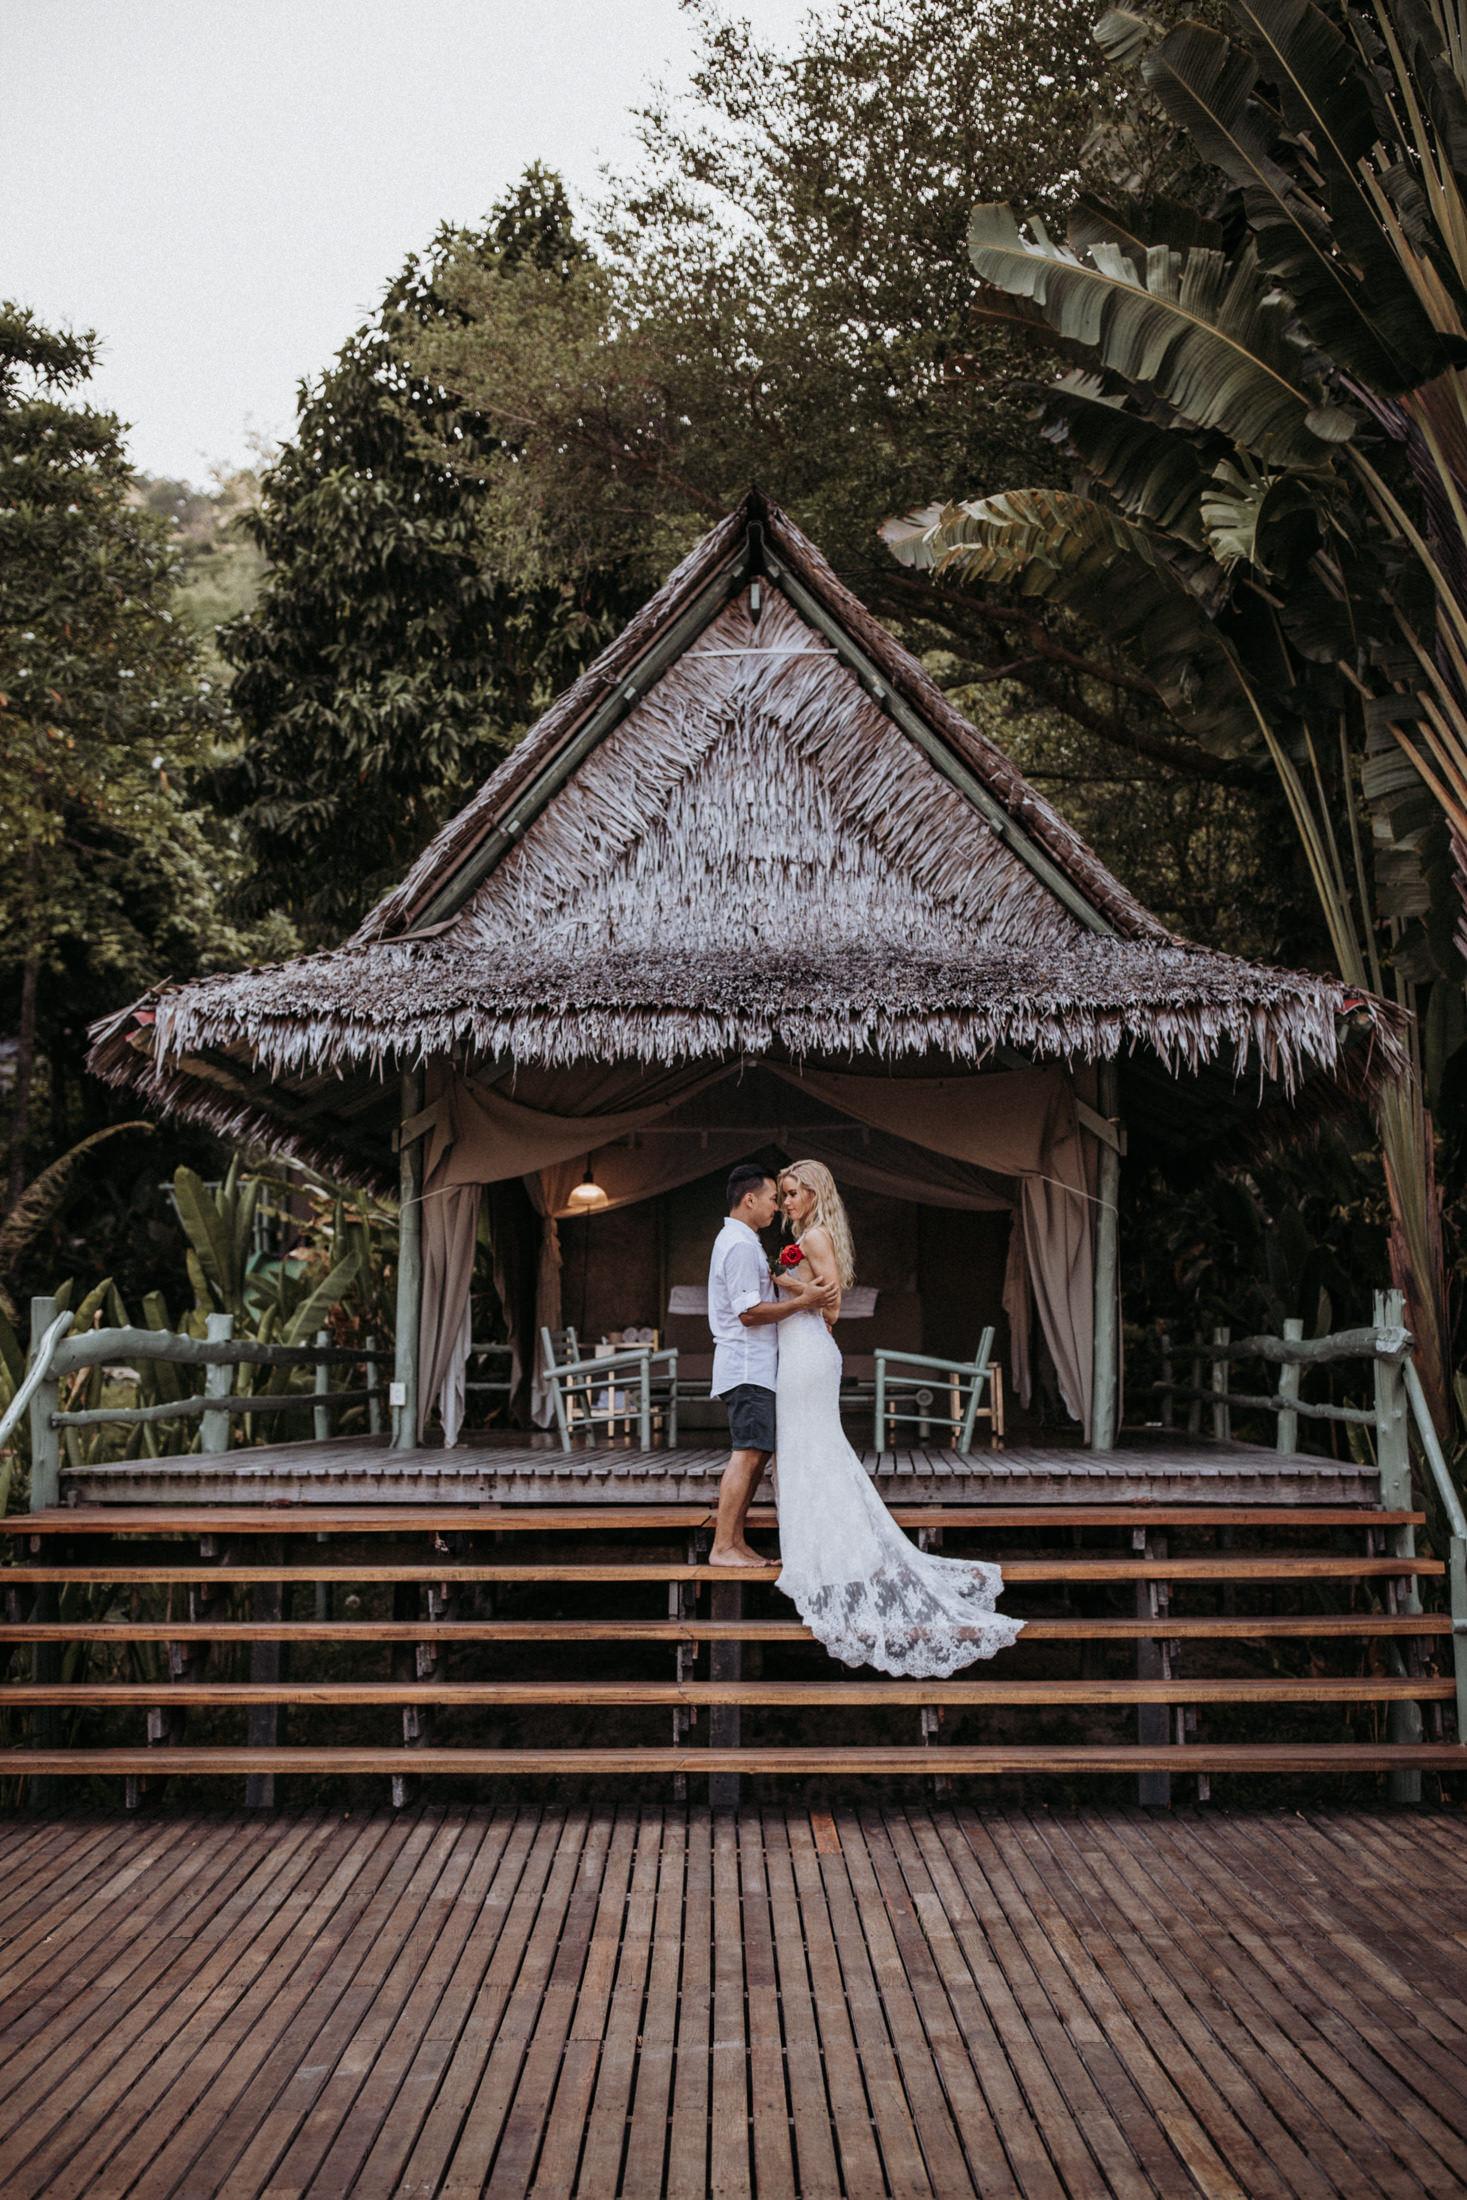 DanielaMarquardt_Wedding_Thailand_480